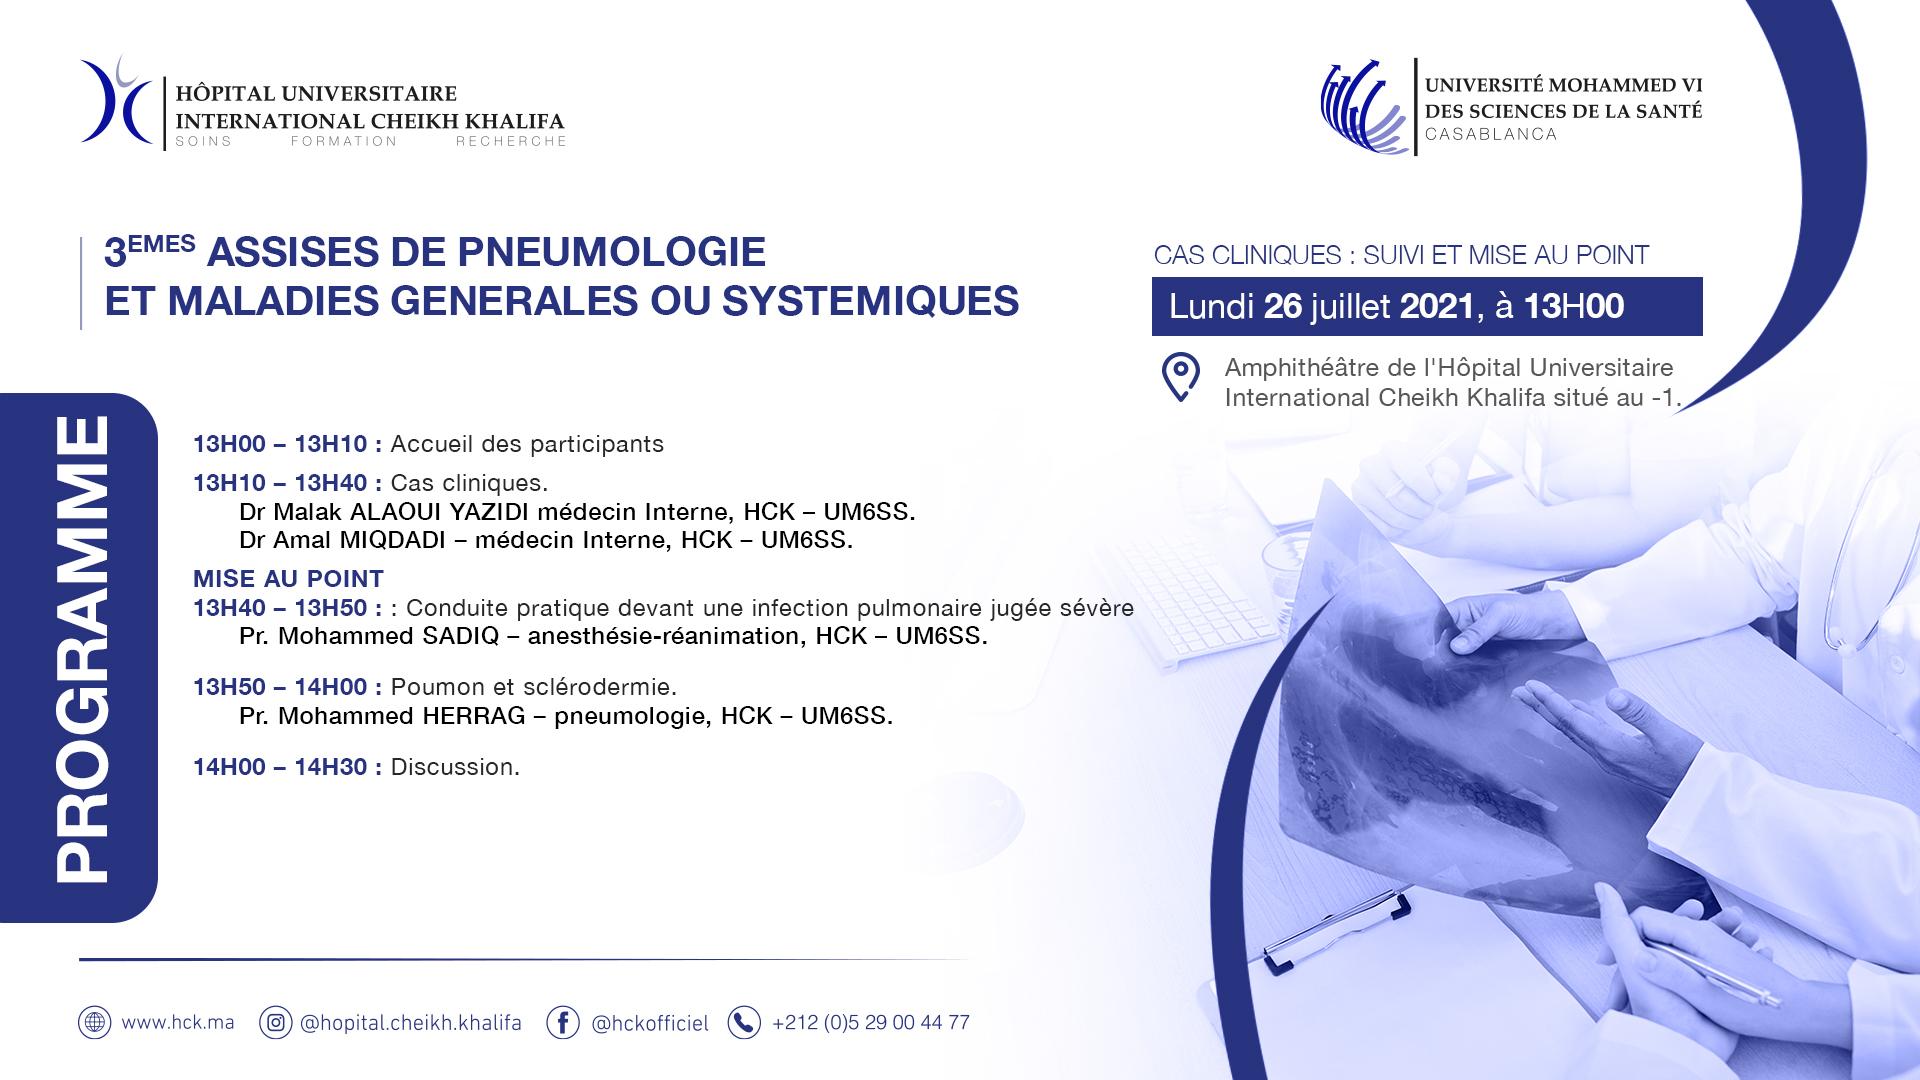 Programme-3eme_ASSISES_DE_PNEUMOLOGIE_ET_MALADIES_GENERALE_OU_SYS